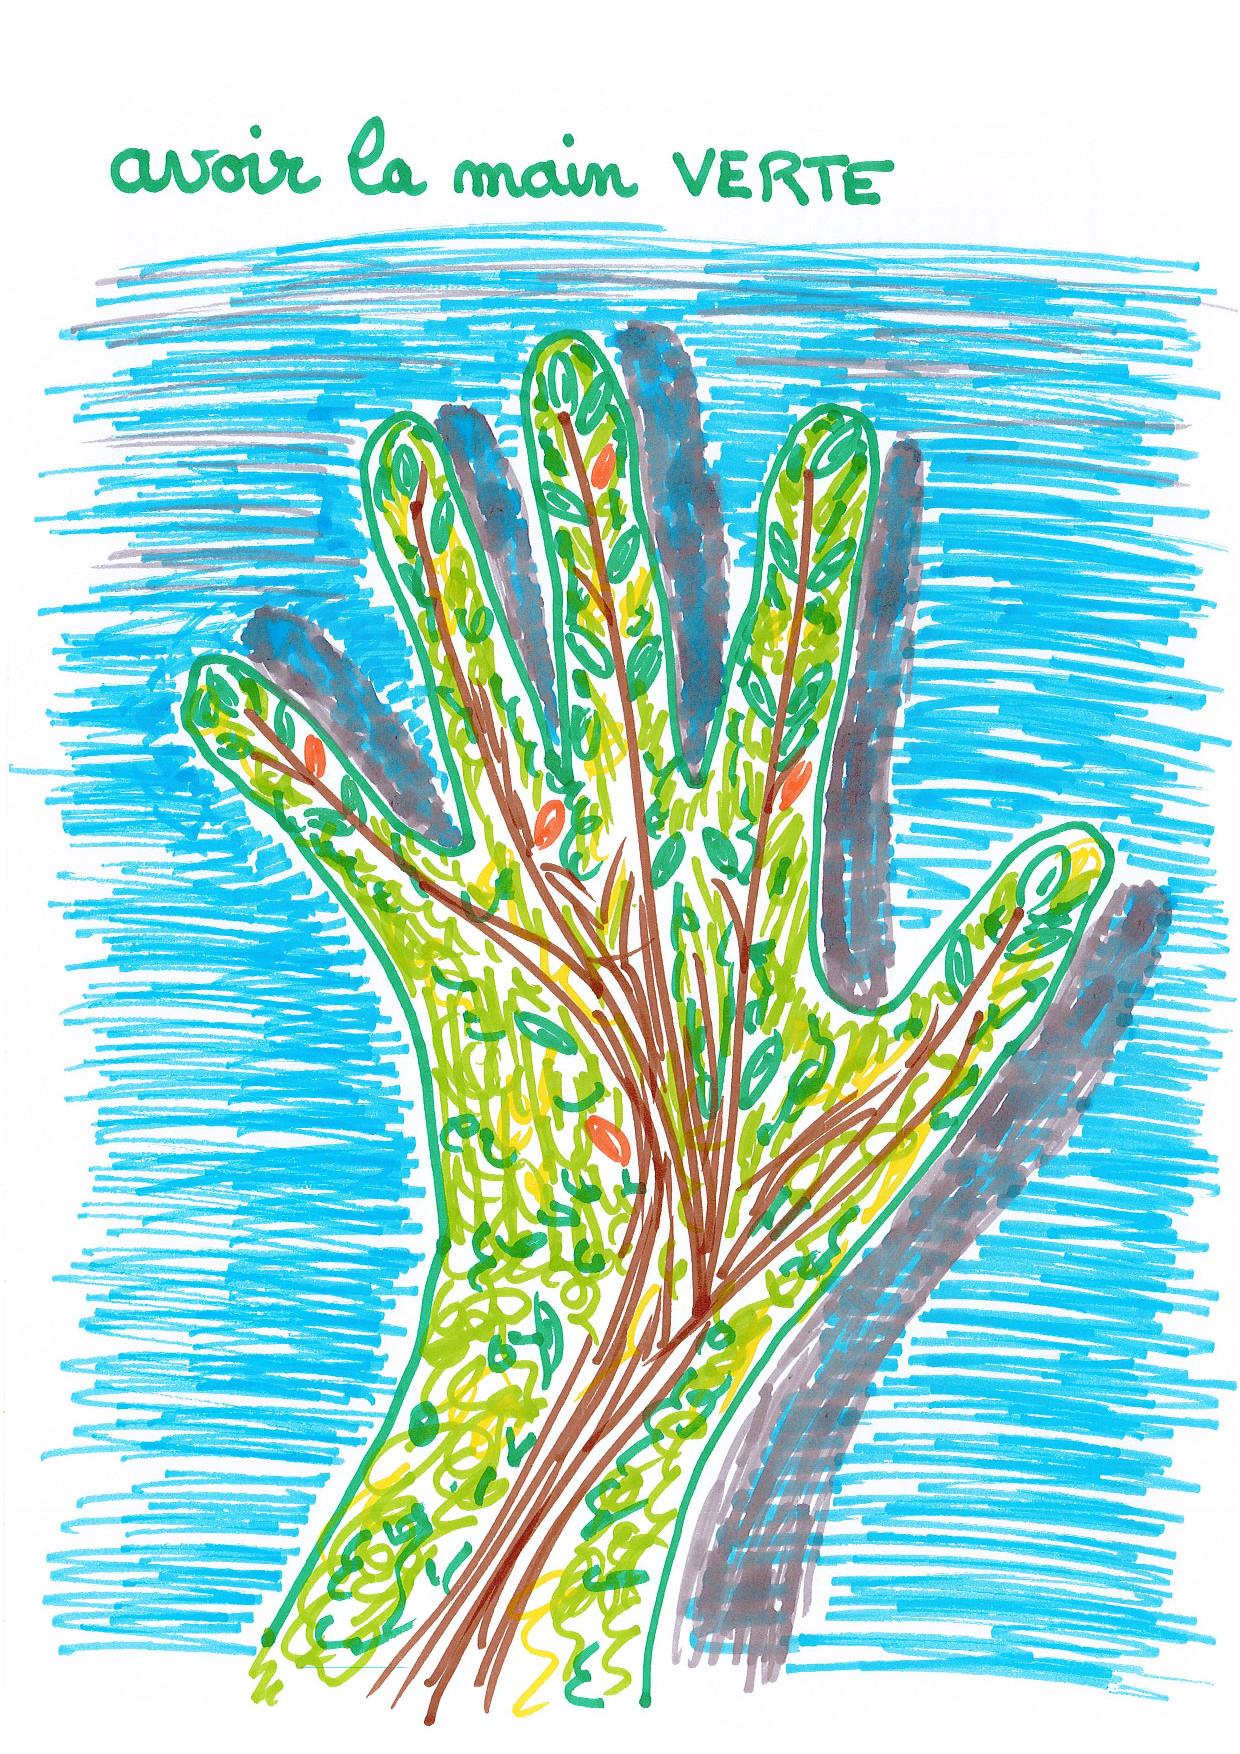 Avoir la main verte pigmentropie - Avoir la main verte ...